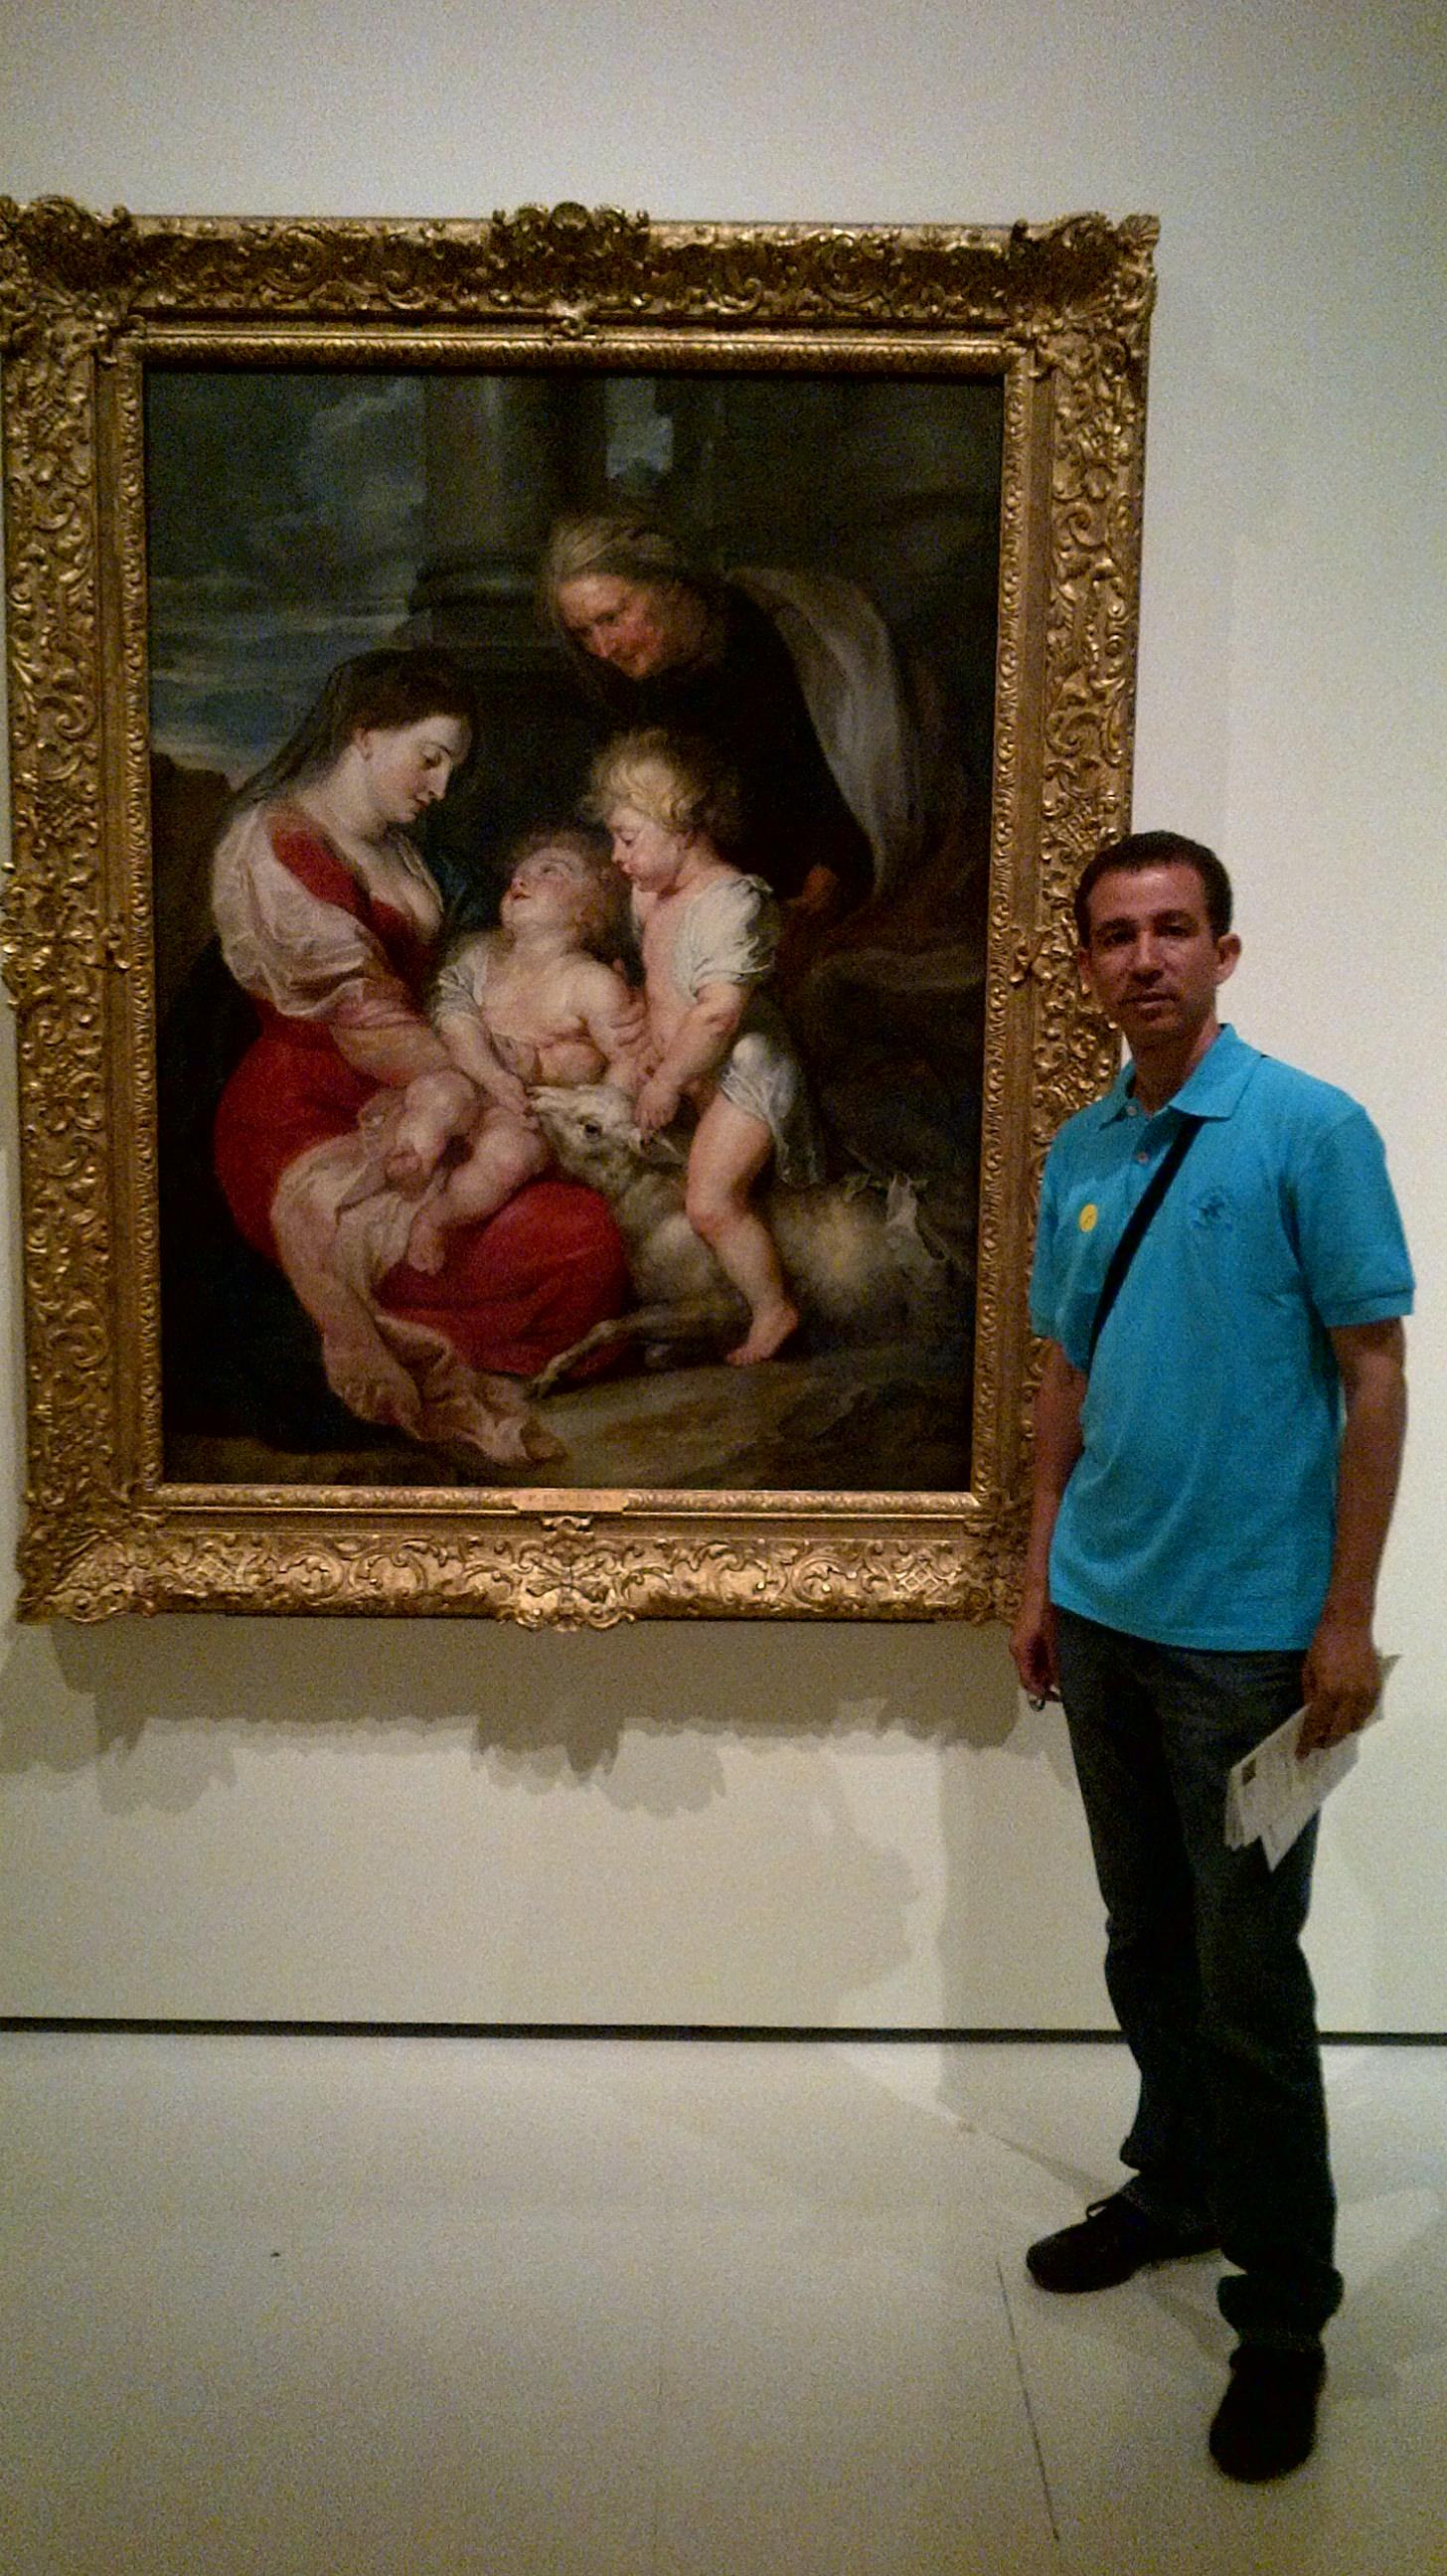 Dustin ante una obra de Rubens en el Museo Nacional de Cataluña, Barcelona, España, 2014